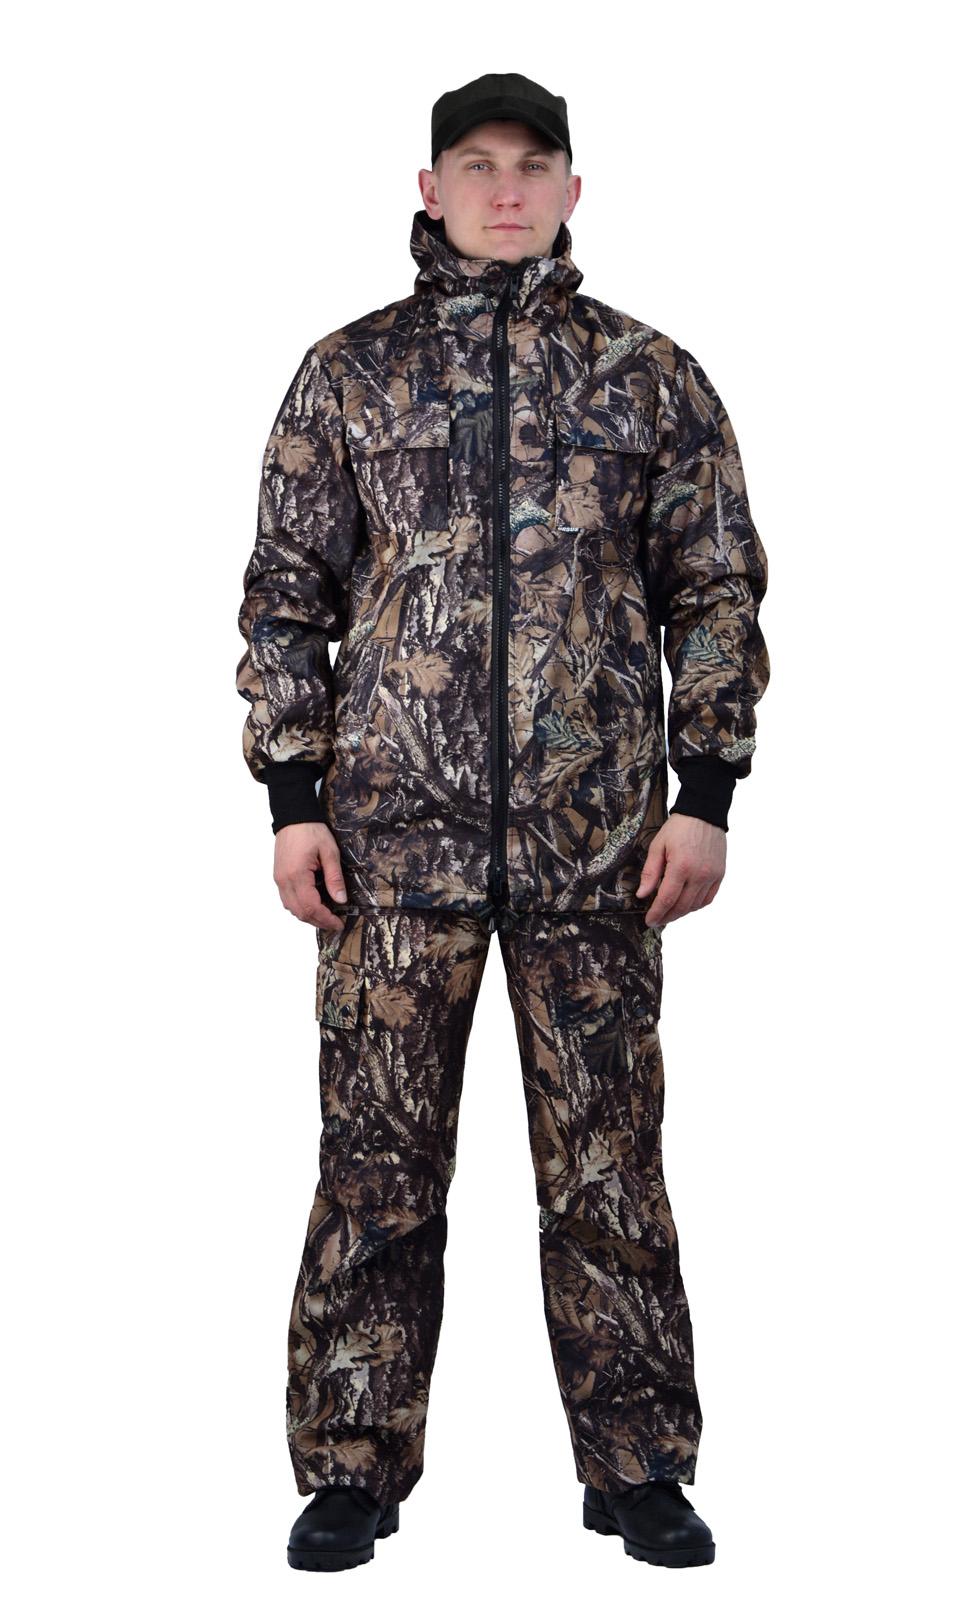 Костюм мужской Тройка демисезонный кмф Костюмы утепленные<br>Костюм состоит из куртки, брюк и жилета <br>Жилет утепленный: * воротник стойка * центральная <br>застежка на молнию * нагрудные объемные <br>накладные карманы с застежкой липучку * <br>нижние многофункциональные накладные объемные <br>карманы на молнии и липучке * внутренний <br>карман для документов Куртка с капюшоном <br>на подкладке из сетки: * центральная застежка <br>молнию * притачной капюшон с регулировкой <br>объема по лицевому вырезу * низ куртки регулируется <br>по объему эластичным шнуром * рукава с трикотажными <br>манжетами * нагрудные накладные объемные <br>карманы с клапанами на липучке * нижние <br>прорезные карманы с листочкой Брюки на <br>подкладке из сетки: * пояс с эластичной лентой <br>со шлевками под широкий ремень * защипы <br>в области коленей обеспечивают свободу <br>движения * боковые накладные объемные карманы <br>с клапанами на кнопках<br><br>Пол: мужской<br>Размер: 52-54<br>Рост: 182-188<br>Сезон: демисезонный<br>Цвет: коричневый<br>Материал: Алова 100% полиэстер